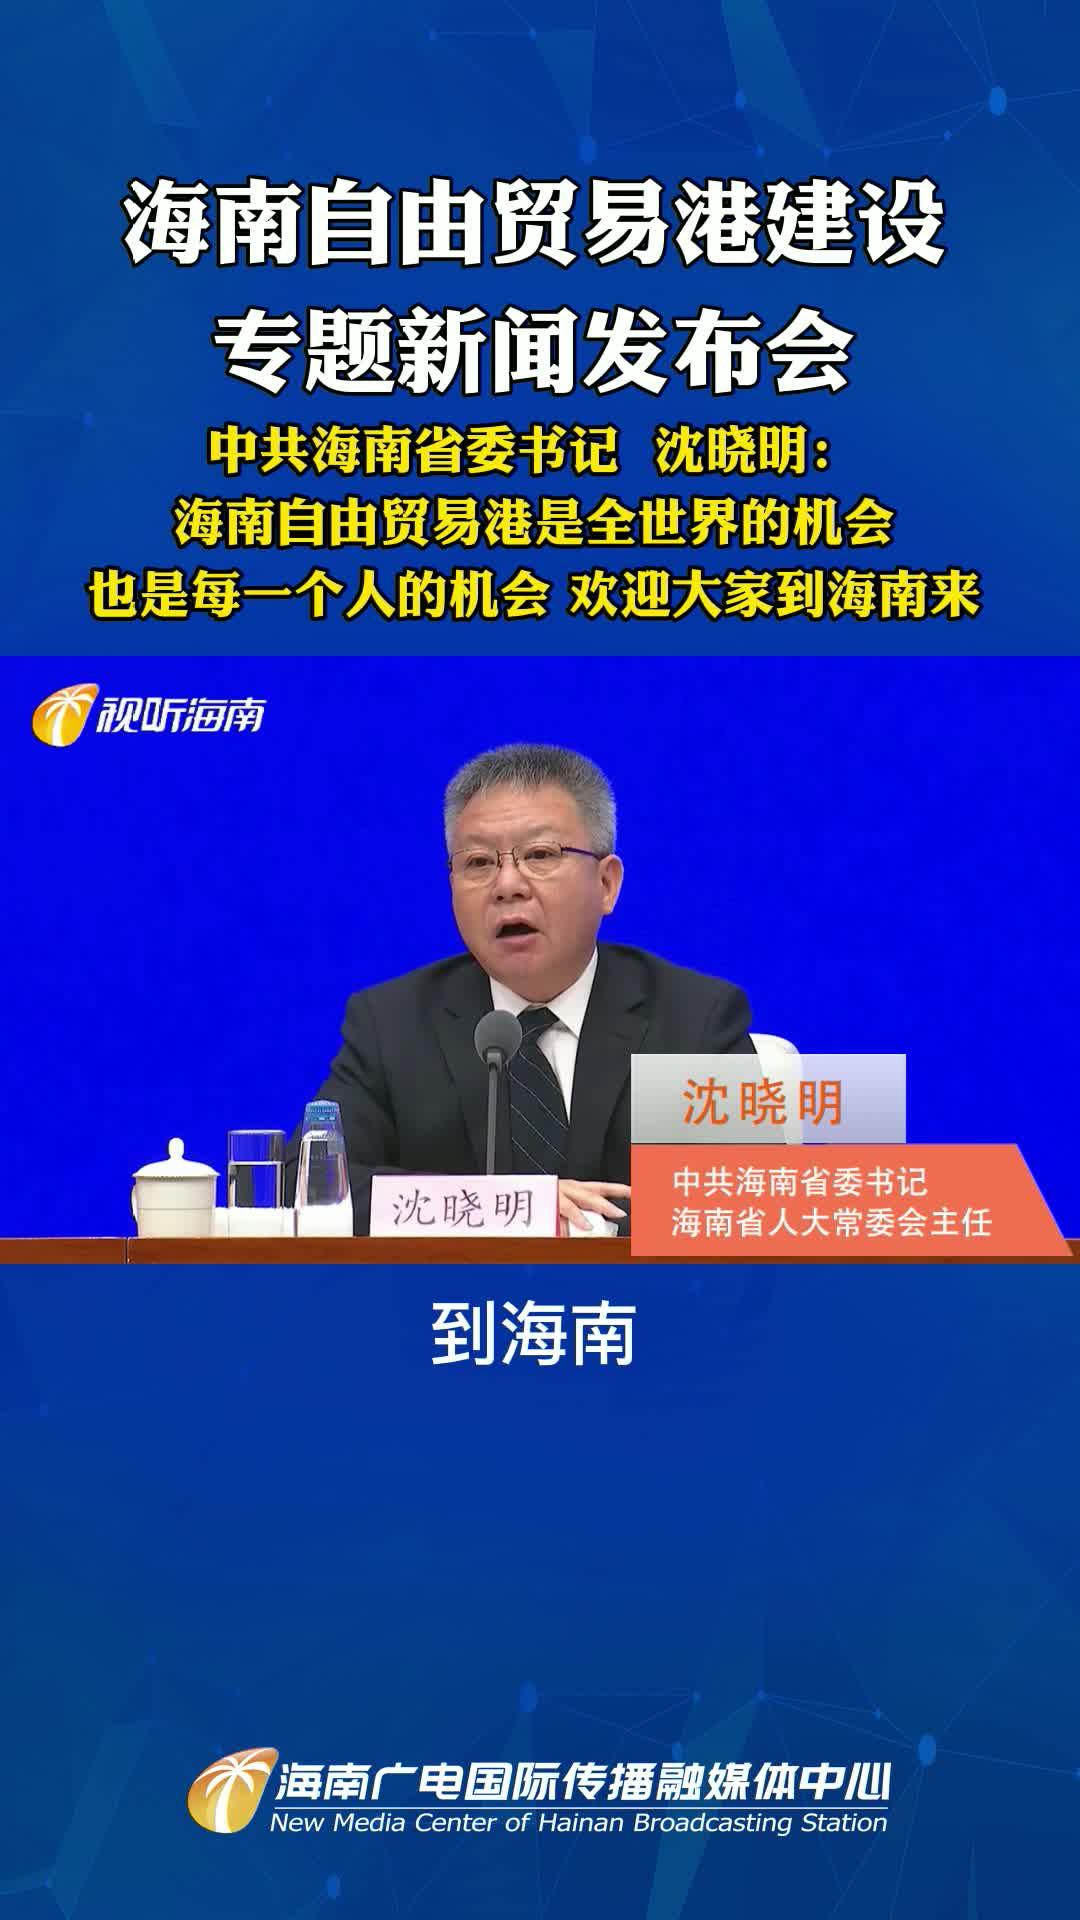 中共海南省委书记 沈晓明:海南自由贸易港是全世界的机会 也是每一个人的机会 欢迎大家到海南来